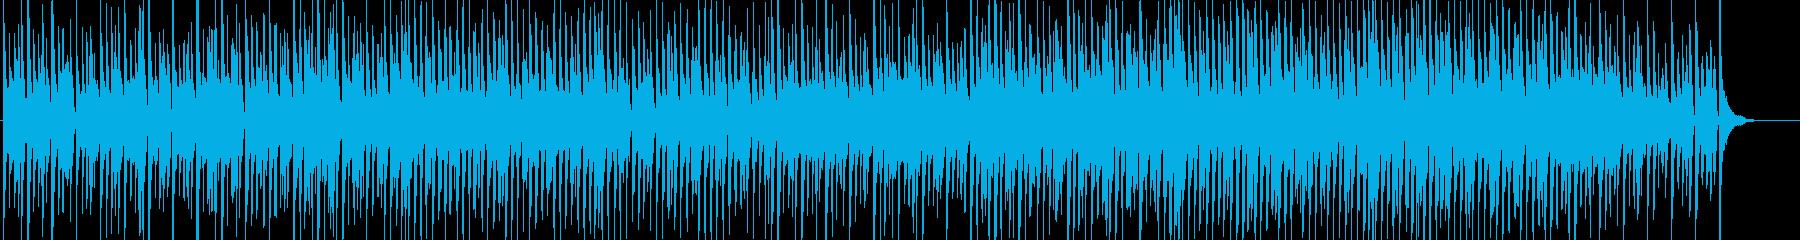 森のグランピング-爽やかなウクレレとピの再生済みの波形